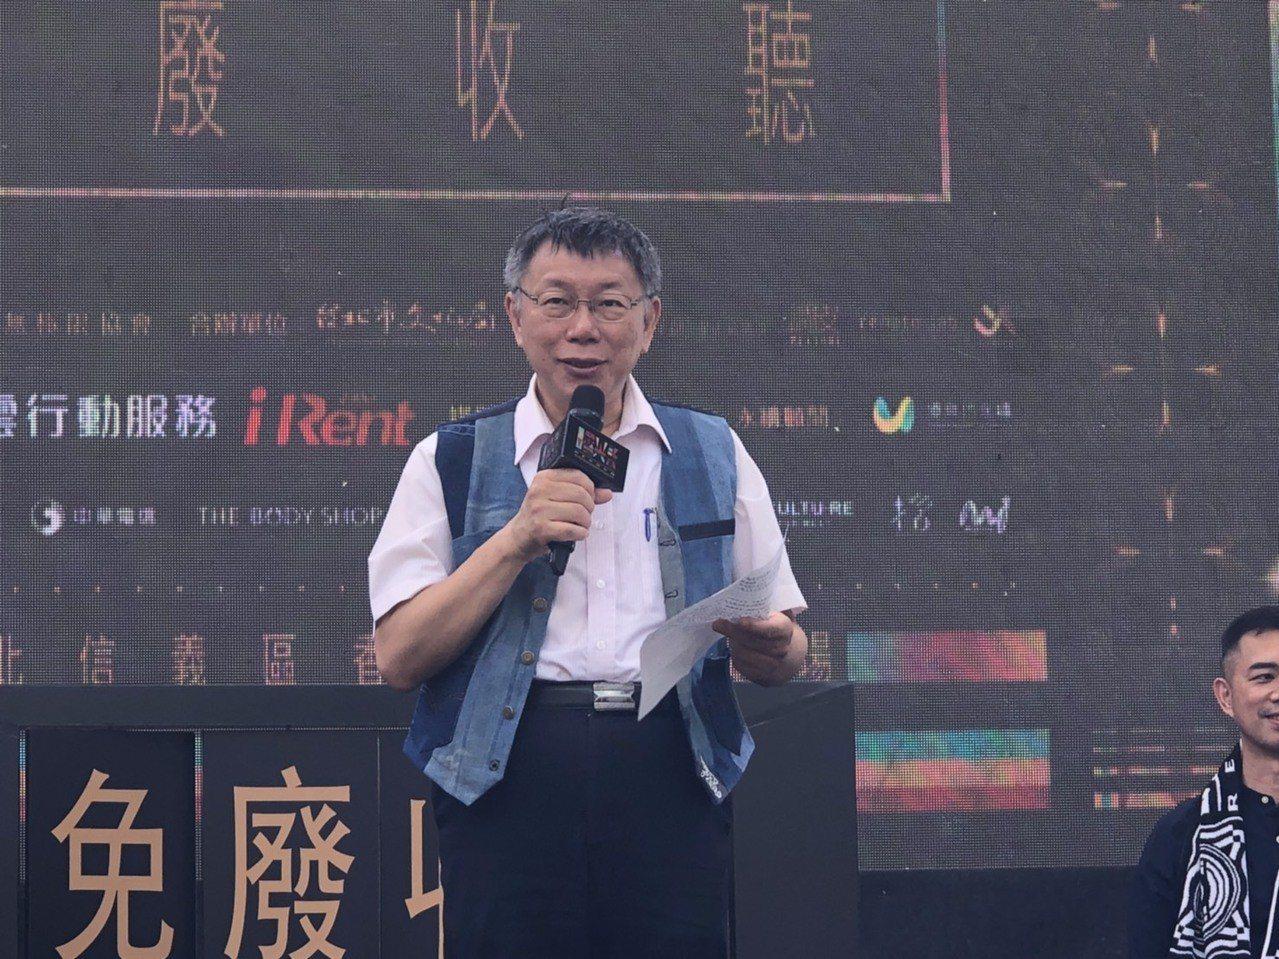 台北市長柯文哲今笑說,當你不想說話的時候,就是會說「明天再說」,這是人之常情,只...